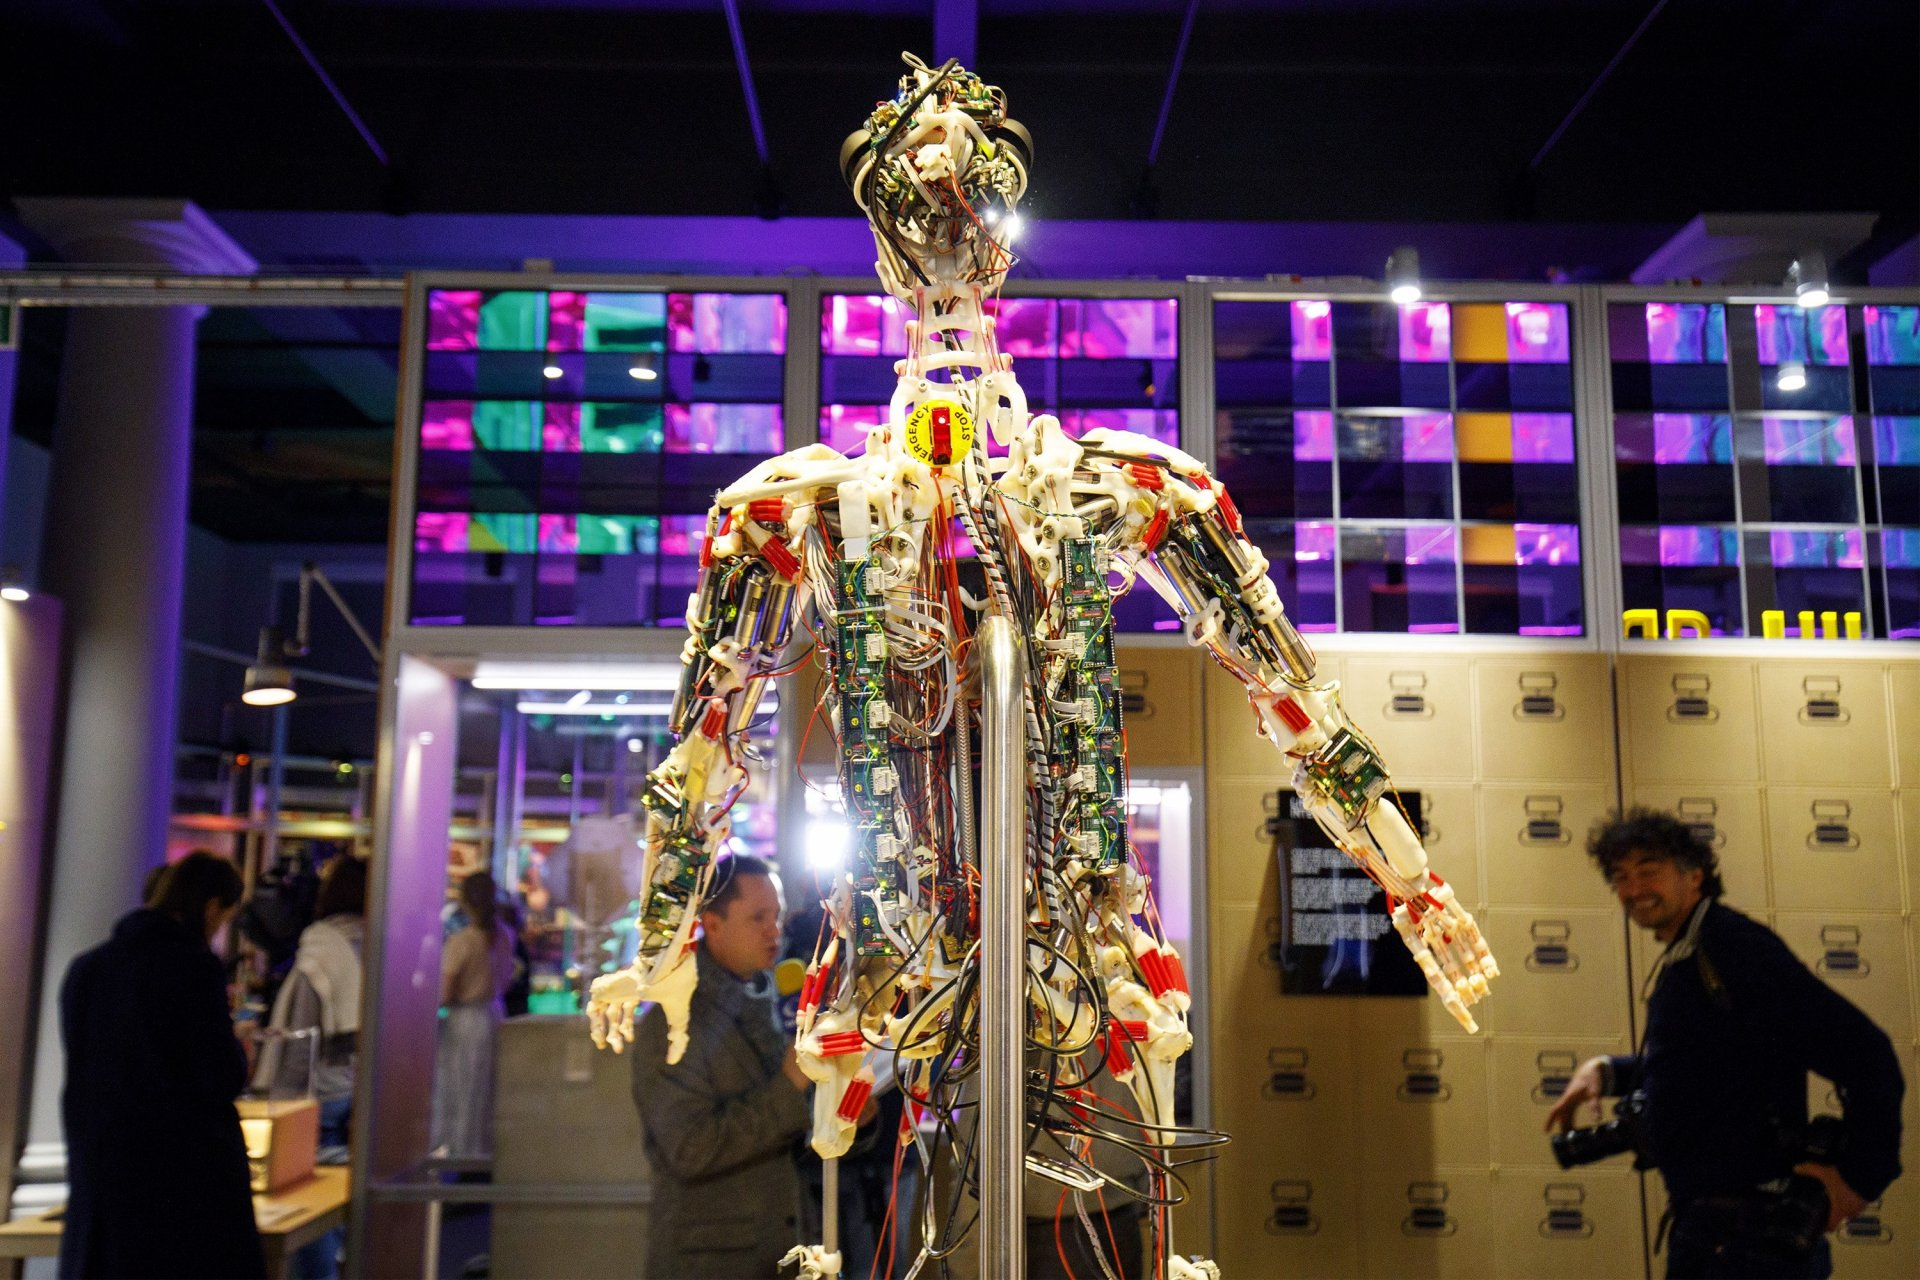 Science Museum (Музей Науки), Визначні місця Лондона